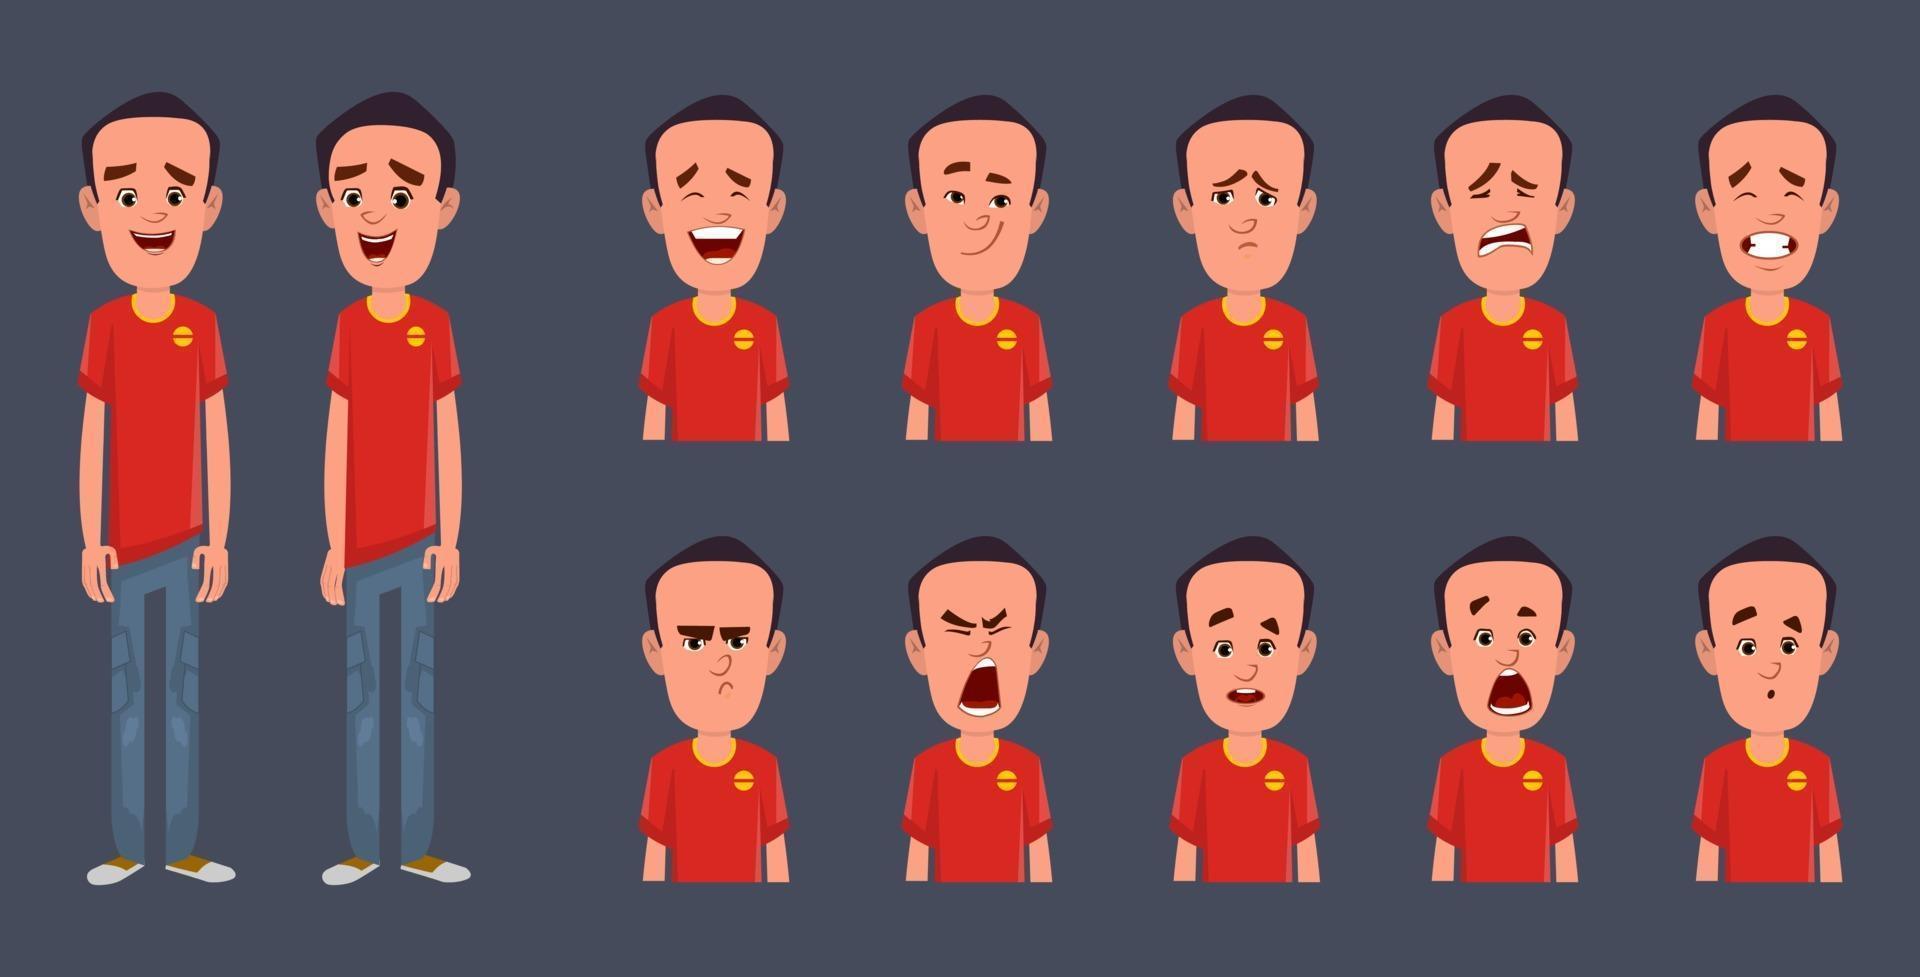 tecknad karaktärsdesign med olika ansiktsuttryck vektor